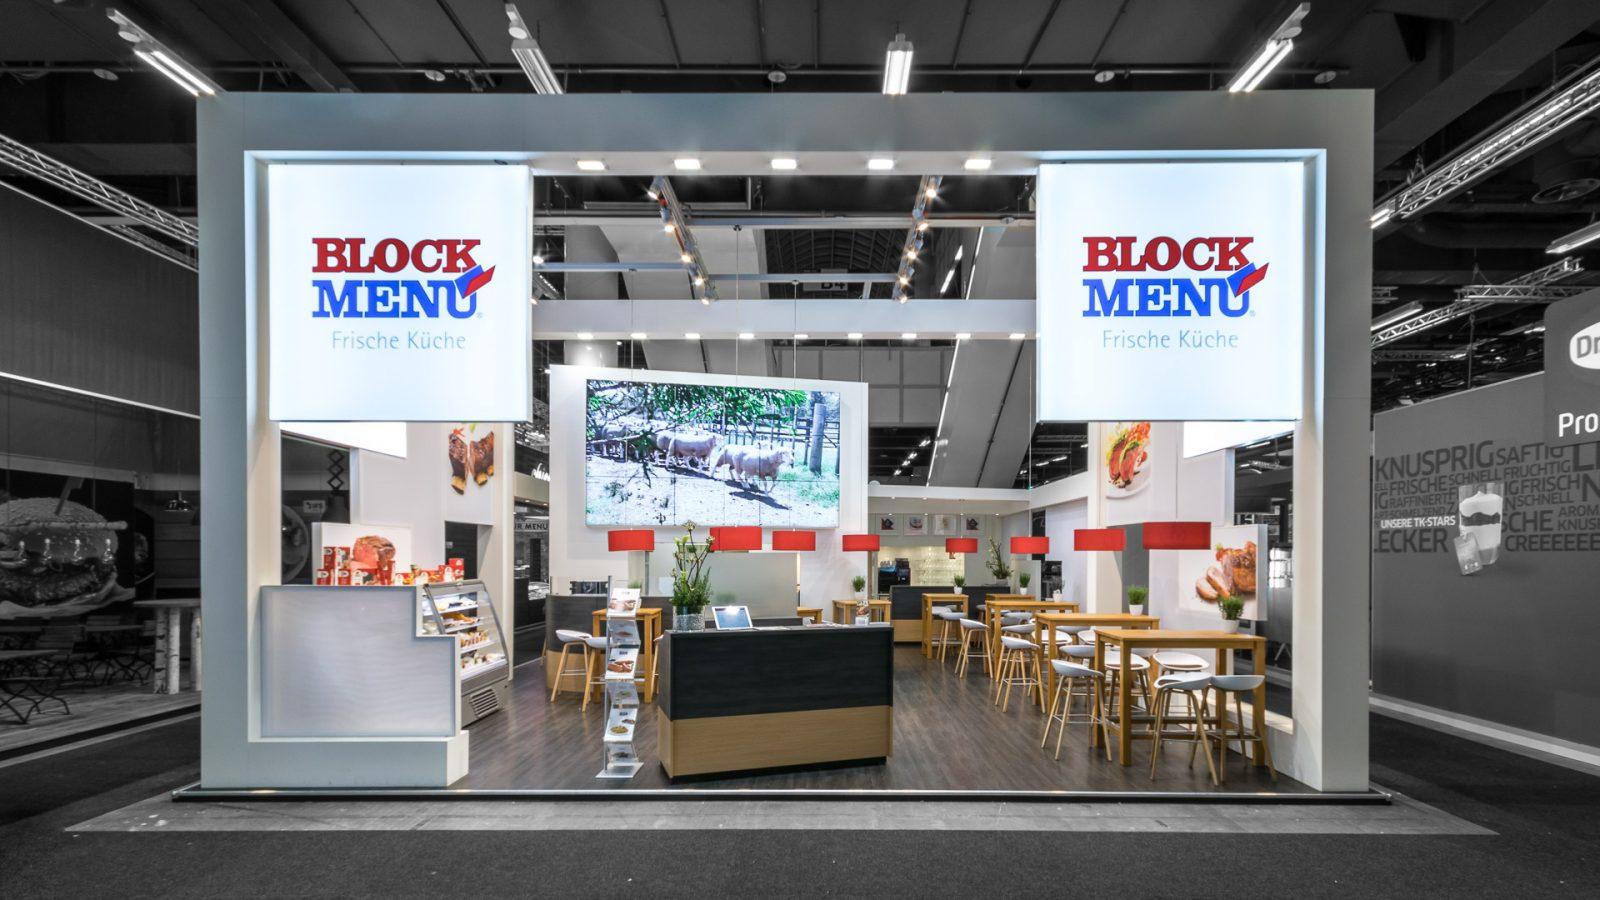 BLOCK MENÜ<br>126 m²<br>INTERNORGA